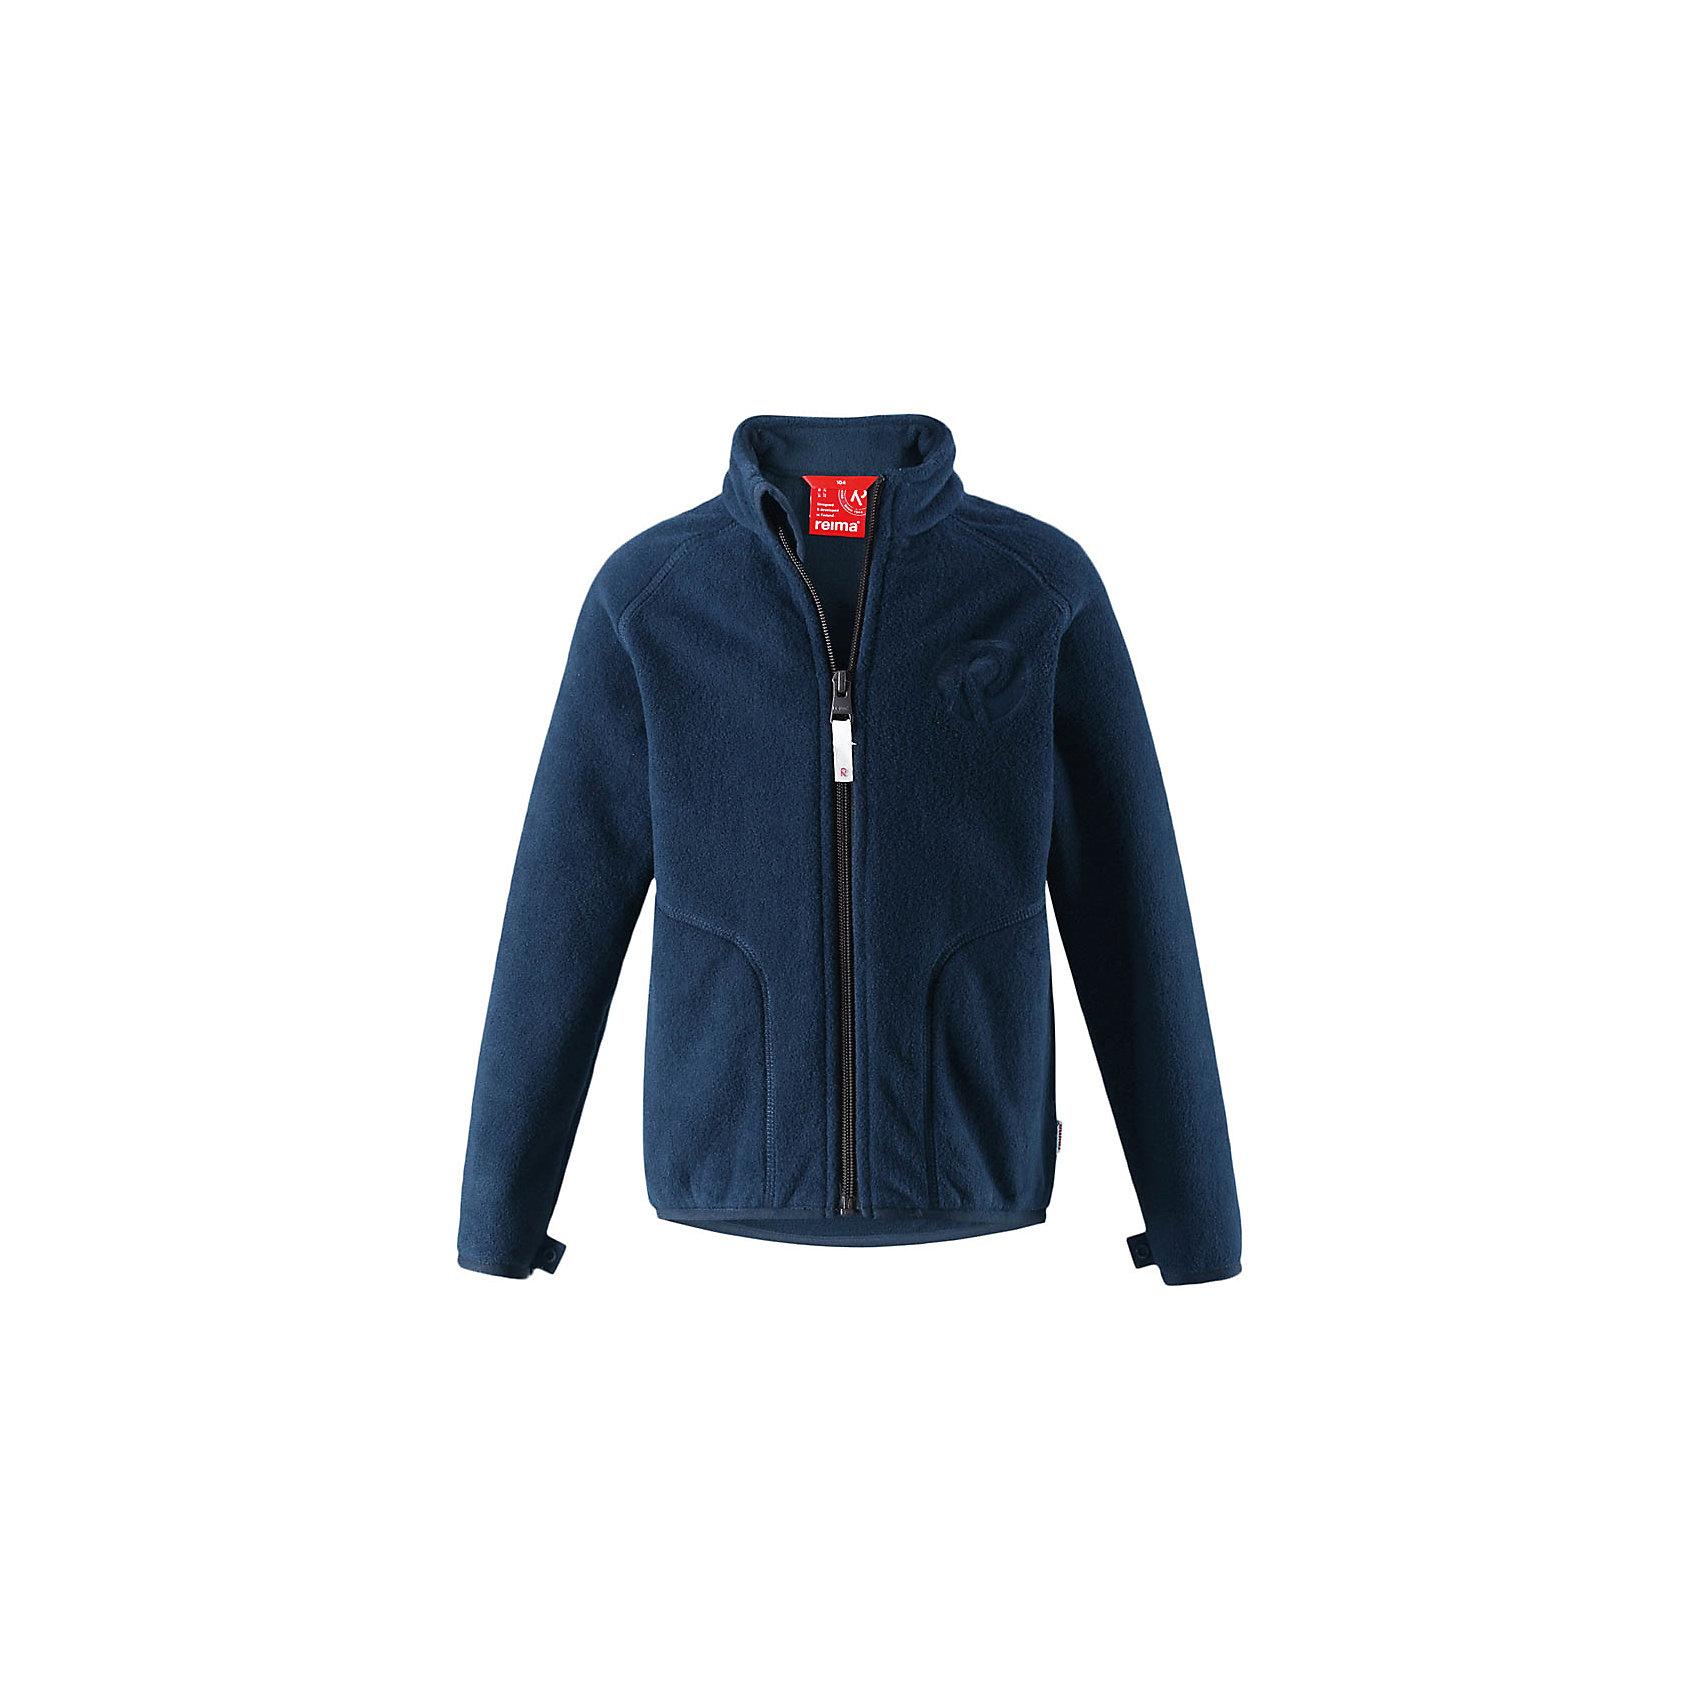 Флисовая кофта Reima InrunТолстовки<br>Супер удобная детская флисовая куртка превосходно послужит в качестве промежуточного слоя в морозные зимние дни – она теплая и очень мягкая на ощупь. Эта куртка изготовлена из легкого полярного флиса, дышащего и быстросохнущего материала. Молния во всю длину облегчает надевание, а защита для подбородка не дает поцарапать молнией шею и подбородок. <br><br>Эту практичную флисовую куртку легко можно пристегнуть к любой верхней одежде Reima®, оснащенной системой кнопок Play Layers®. Эта удобная куртка отлично подойдет для занятий в помещении – как раз для детского сада или школы. Два боковых кармана и украшение в виде красивого сплошного рисунка. Восхитительные расцветки – выбирай любую!<br>Состав:<br>100% Полиэстер<br><br>Ширина мм: 190<br>Глубина мм: 74<br>Высота мм: 229<br>Вес г: 236<br>Цвет: синий<br>Возраст от месяцев: 24<br>Возраст до месяцев: 36<br>Пол: Унисекс<br>Возраст: Детский<br>Размер: 98,104,110,116,122,128,134,140,92<br>SKU: 6901873